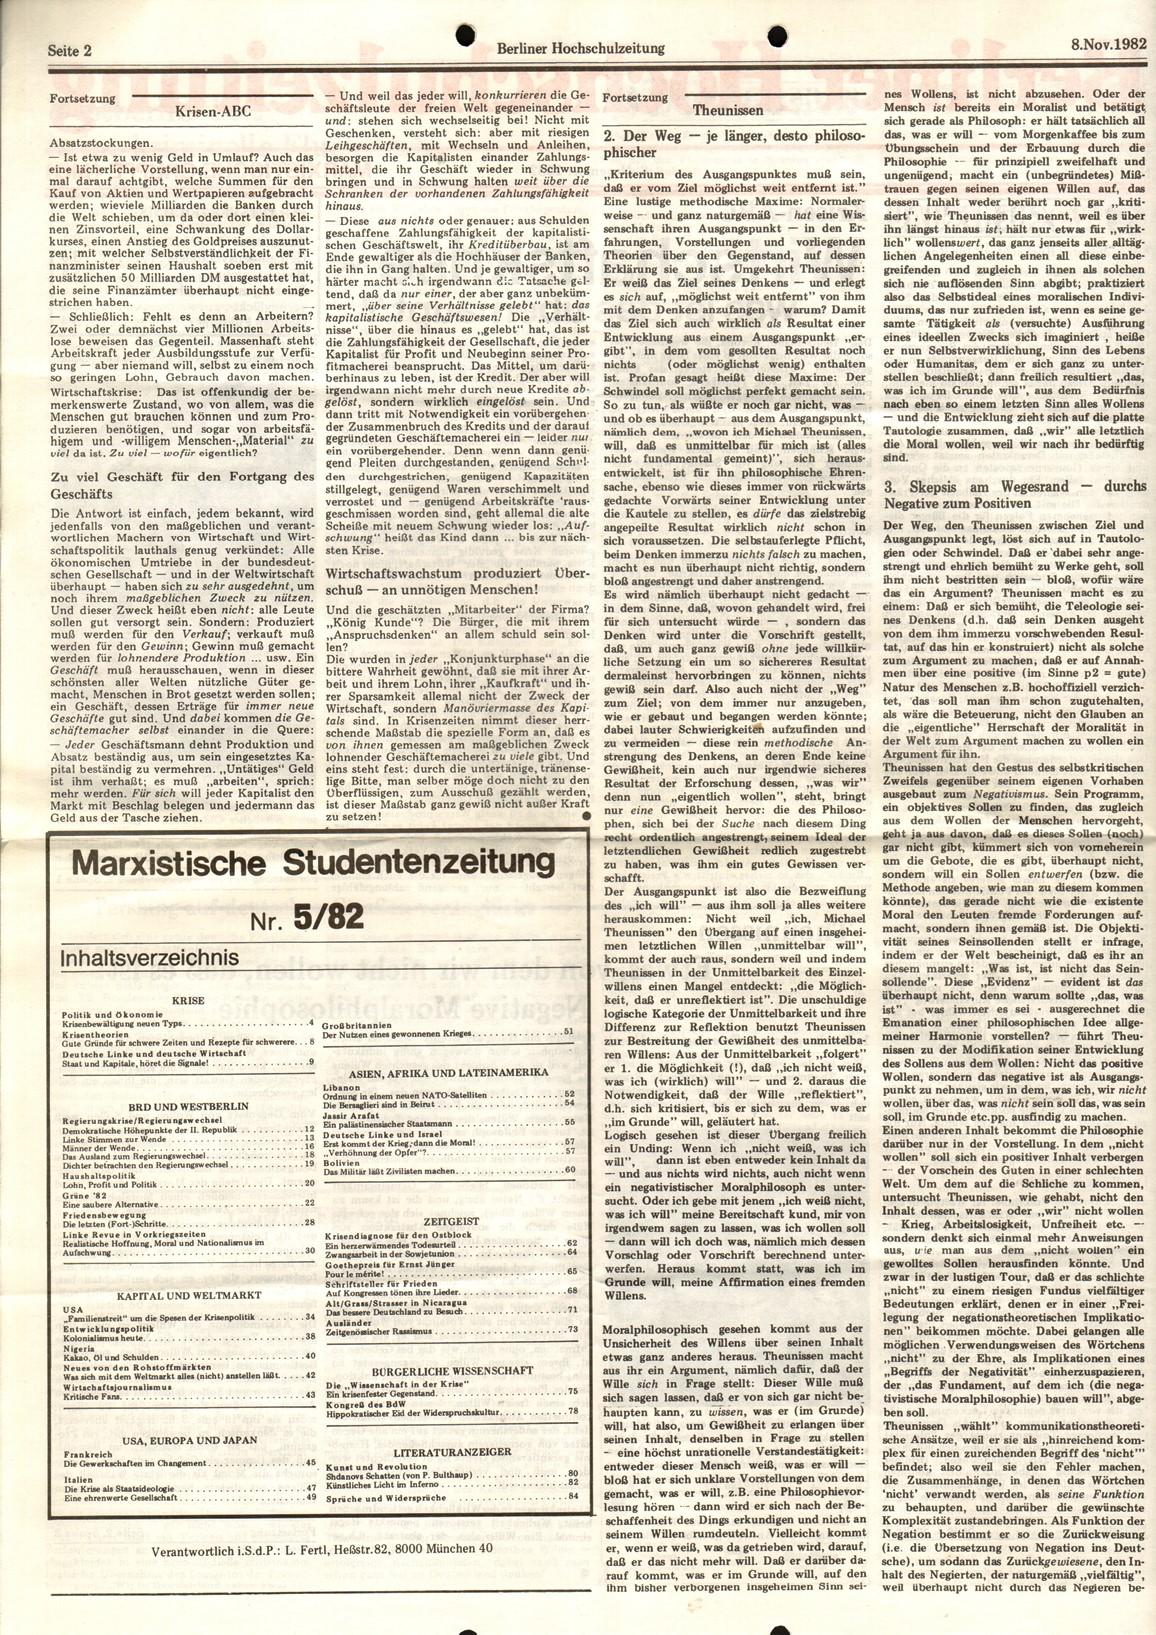 Berlin_MG_Hochschulzeitung_19821108_02